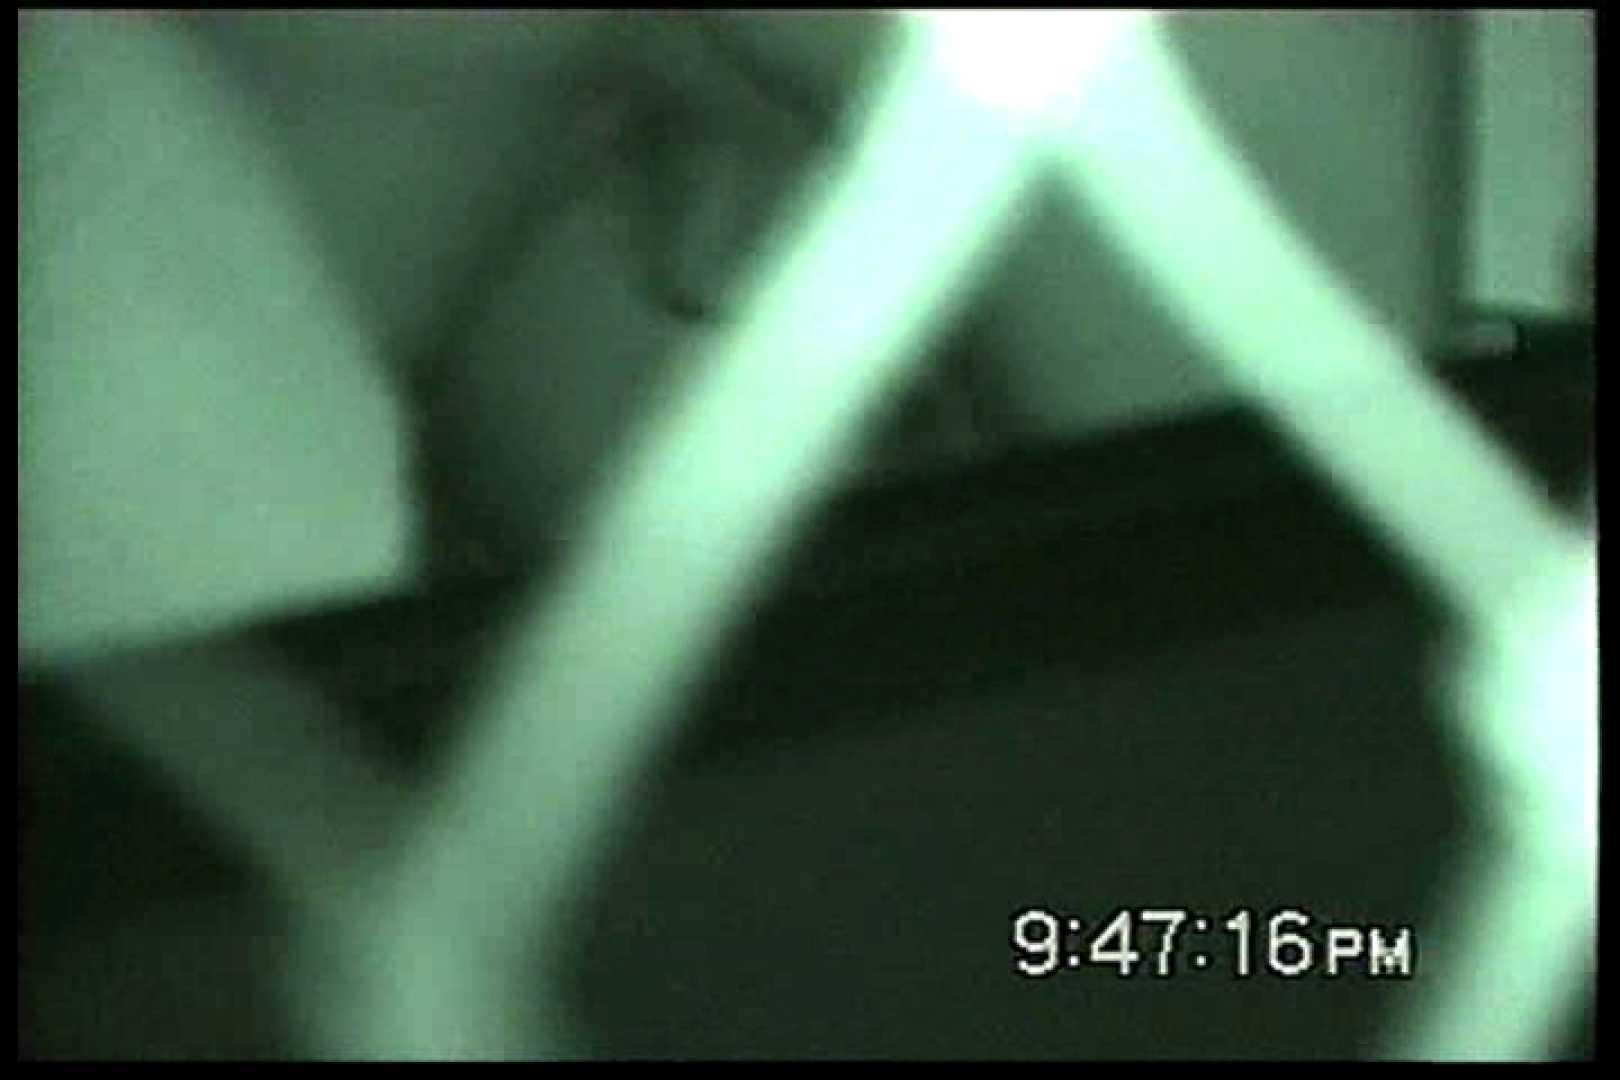 車の中はラブホテル 無修正版  Vol.15 ラブホテル 盗撮ヌード画像 89pic 20